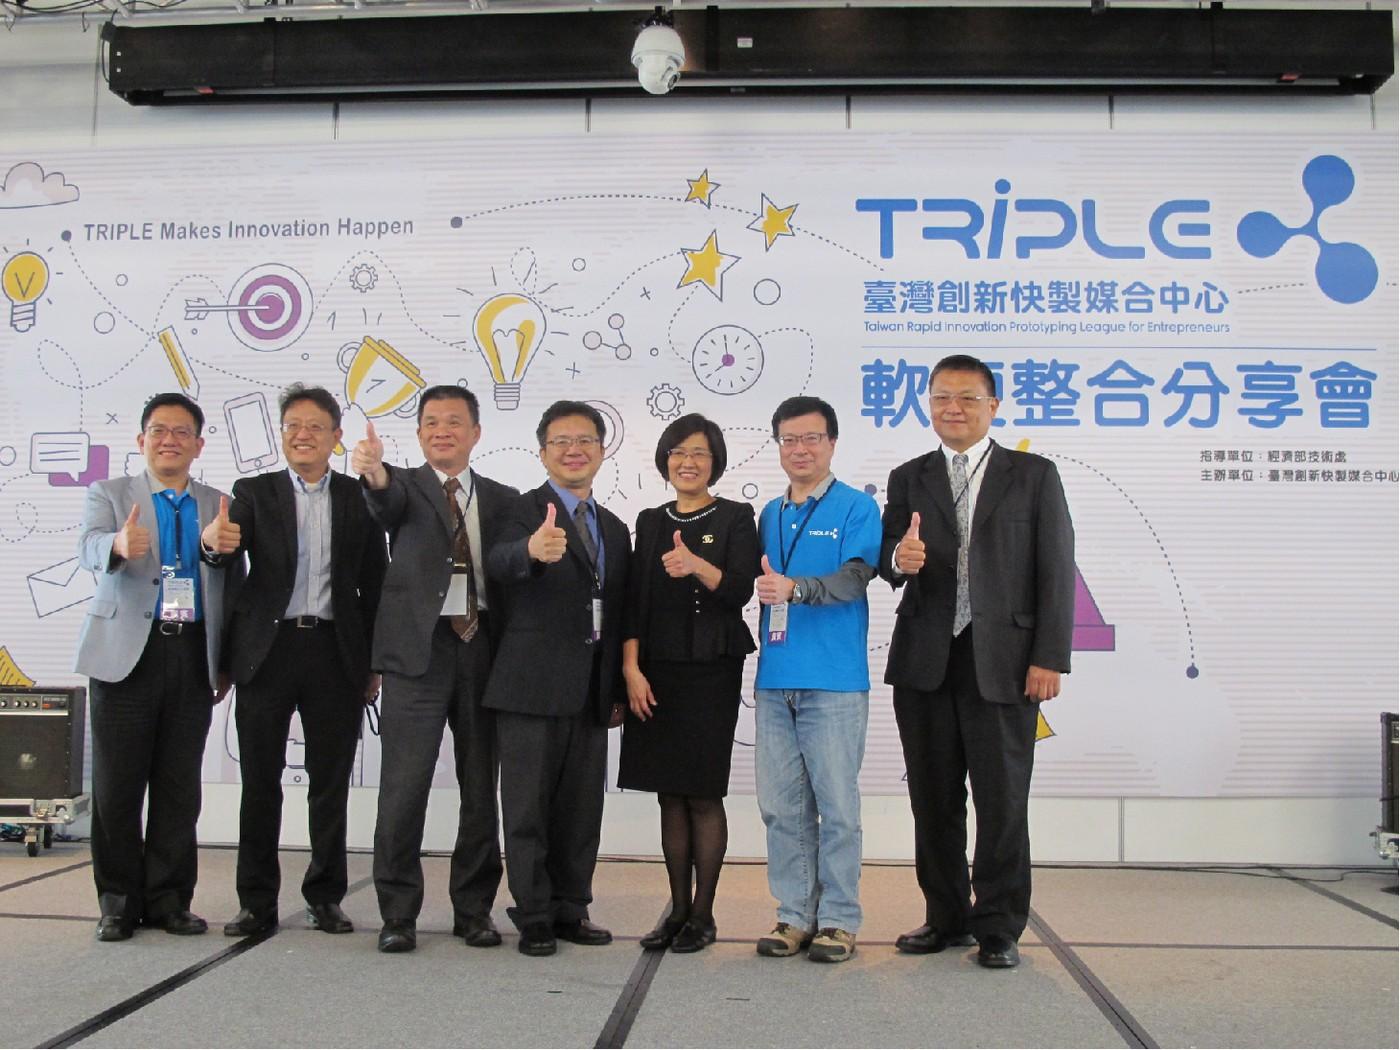 發揮軟硬整合媒合優勢,TRIPLE將創意構想商品化協助新創搶灘全球市場